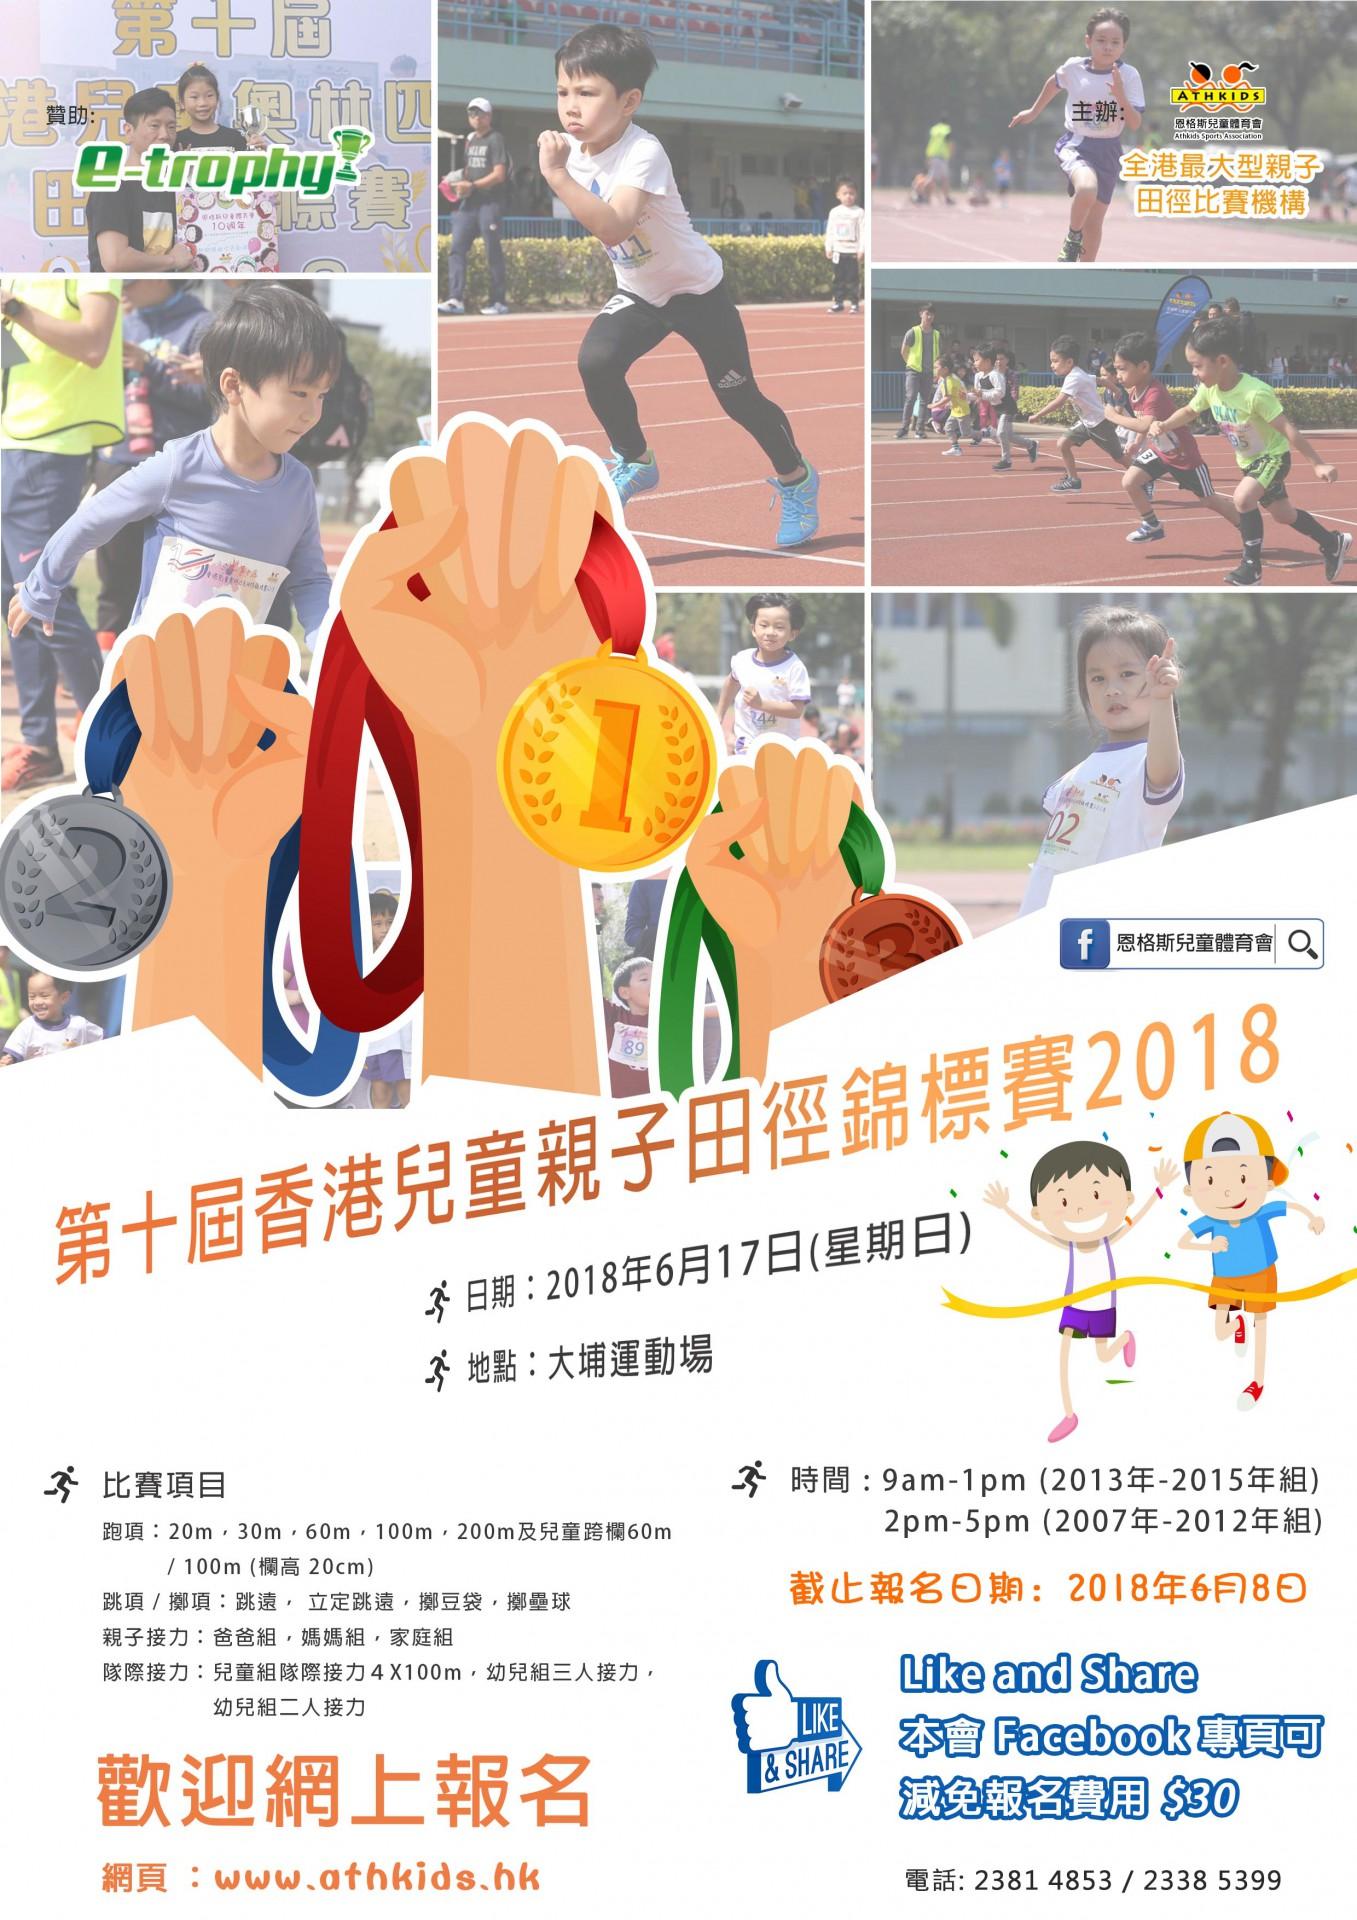 第十屆香港兒童親子田徑錦標賽2018